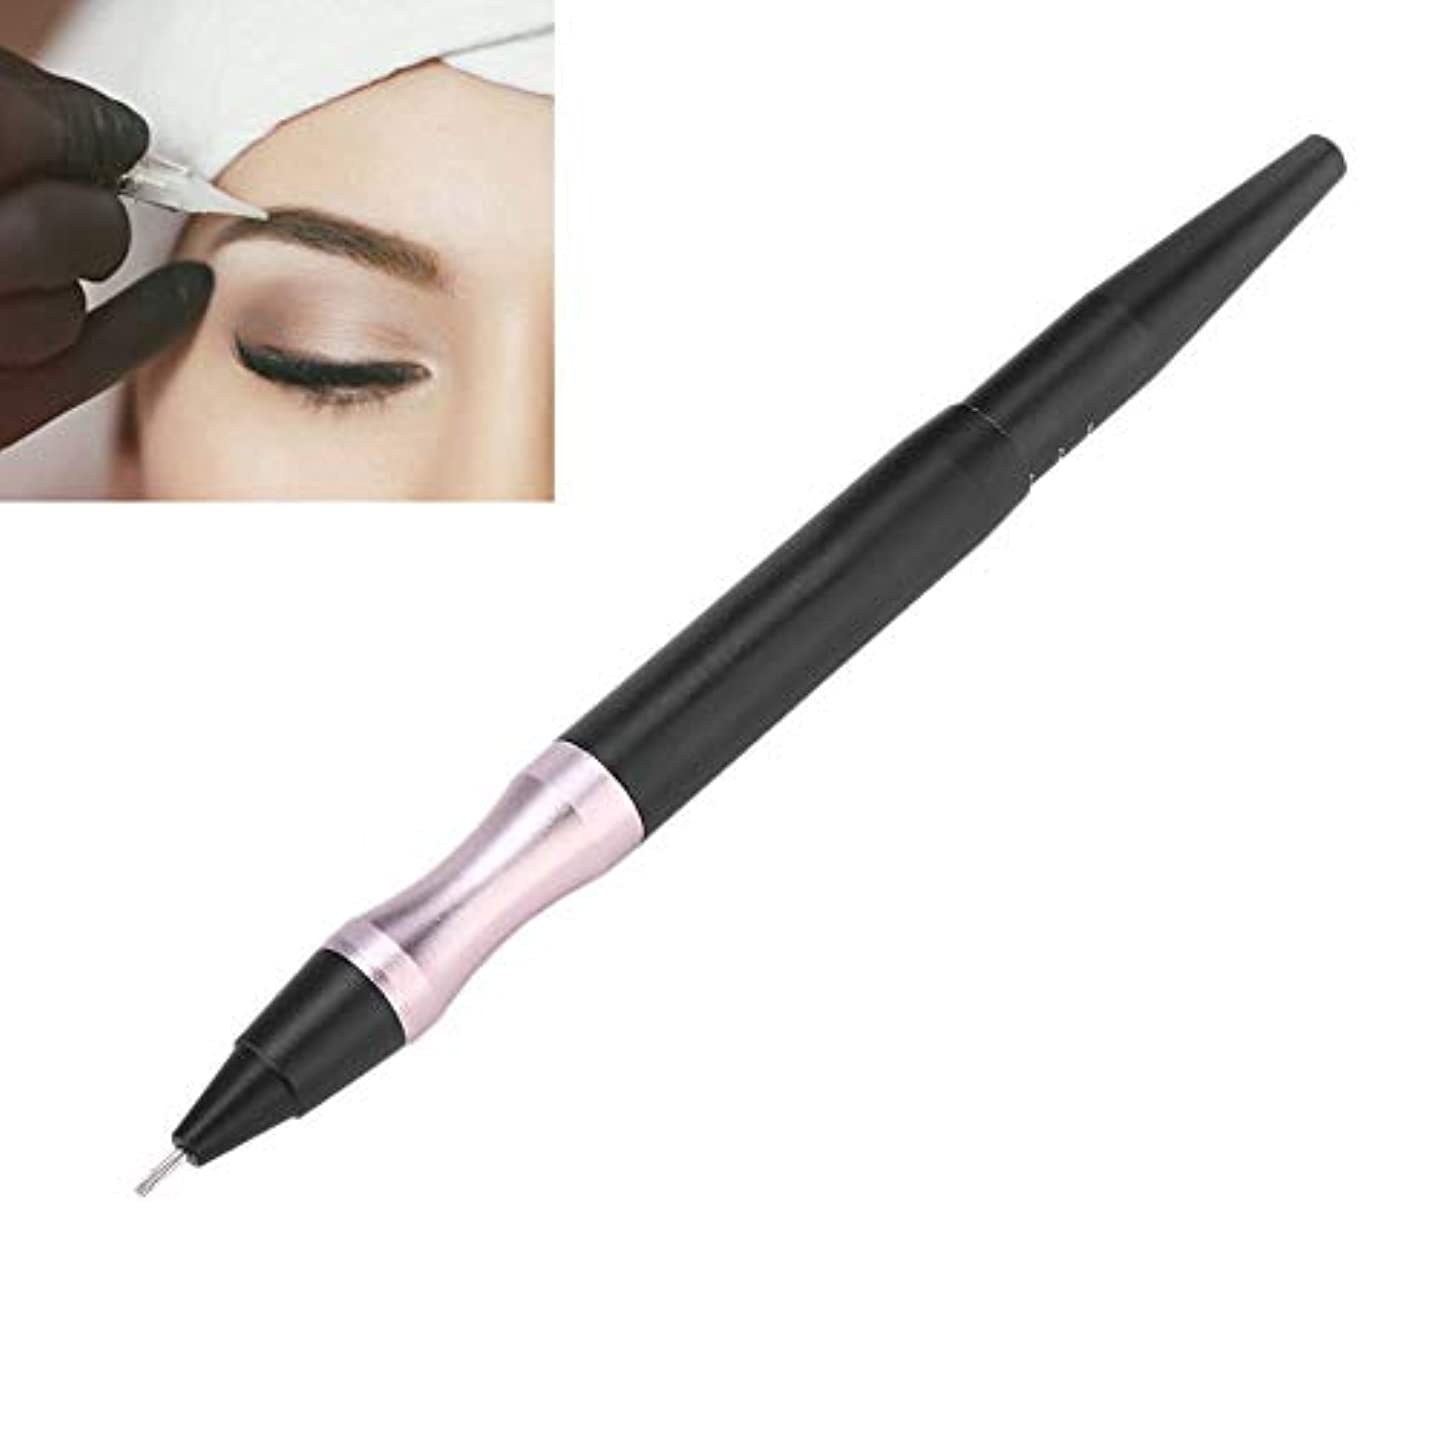 しないでください羨望固執手動タトゥーペン、眉アイライナーの唇のための半永久的な化粧道具、滑り止めハンドル付き多目的マイクロブレードペン、マルチタイプの針に適しており、交換が容易(ブラック)